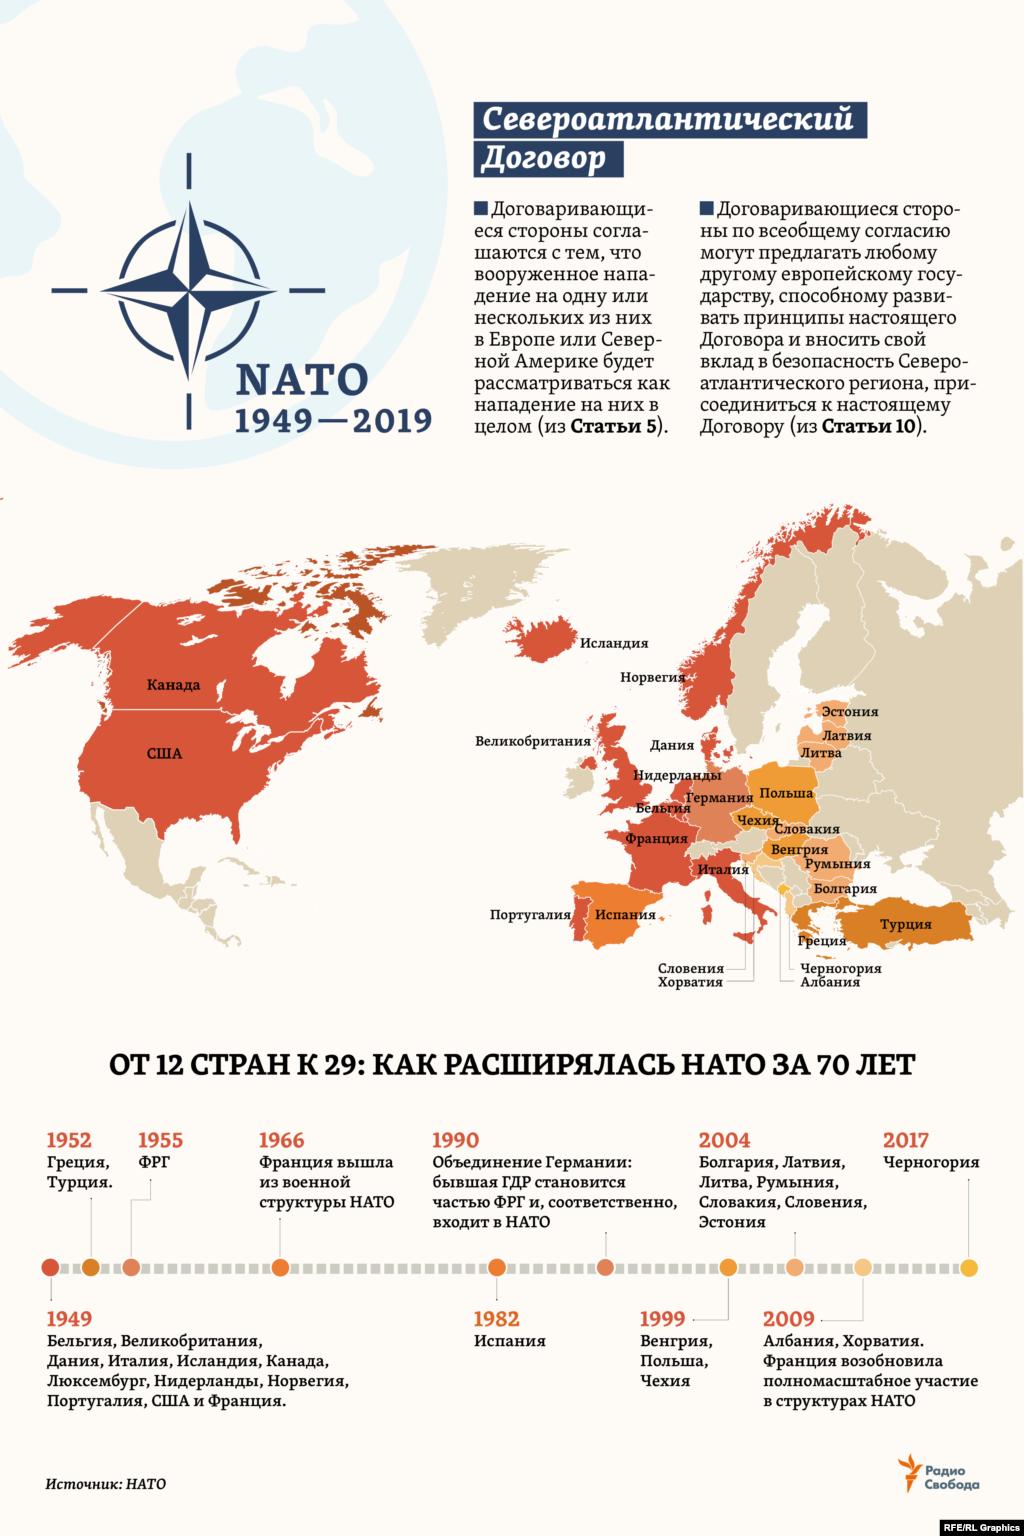 """4 апреля 1949 года в Вашингтоне 10 стран Западной Европы, США и Канада подписали """"Североатлантический Договор"""" (North Atlantic Treaty), заложивший основы будущей организации – NATO (North Atlantic Treaty Organization). В Договоре всего 14 статей, и за минувшие с тех пор 70 лет они не пересматривались. В центре Договора - принцип коллективной обороны стран-участниц, отраженный в Статье 5. До сих пор она применялась лишь один раз – после терактов в США в сентябре 2001 года, когда страны НАТО приняли план совместных действий, впервые предусматривающих проведение ими операций за пределами евроатлантического региона."""